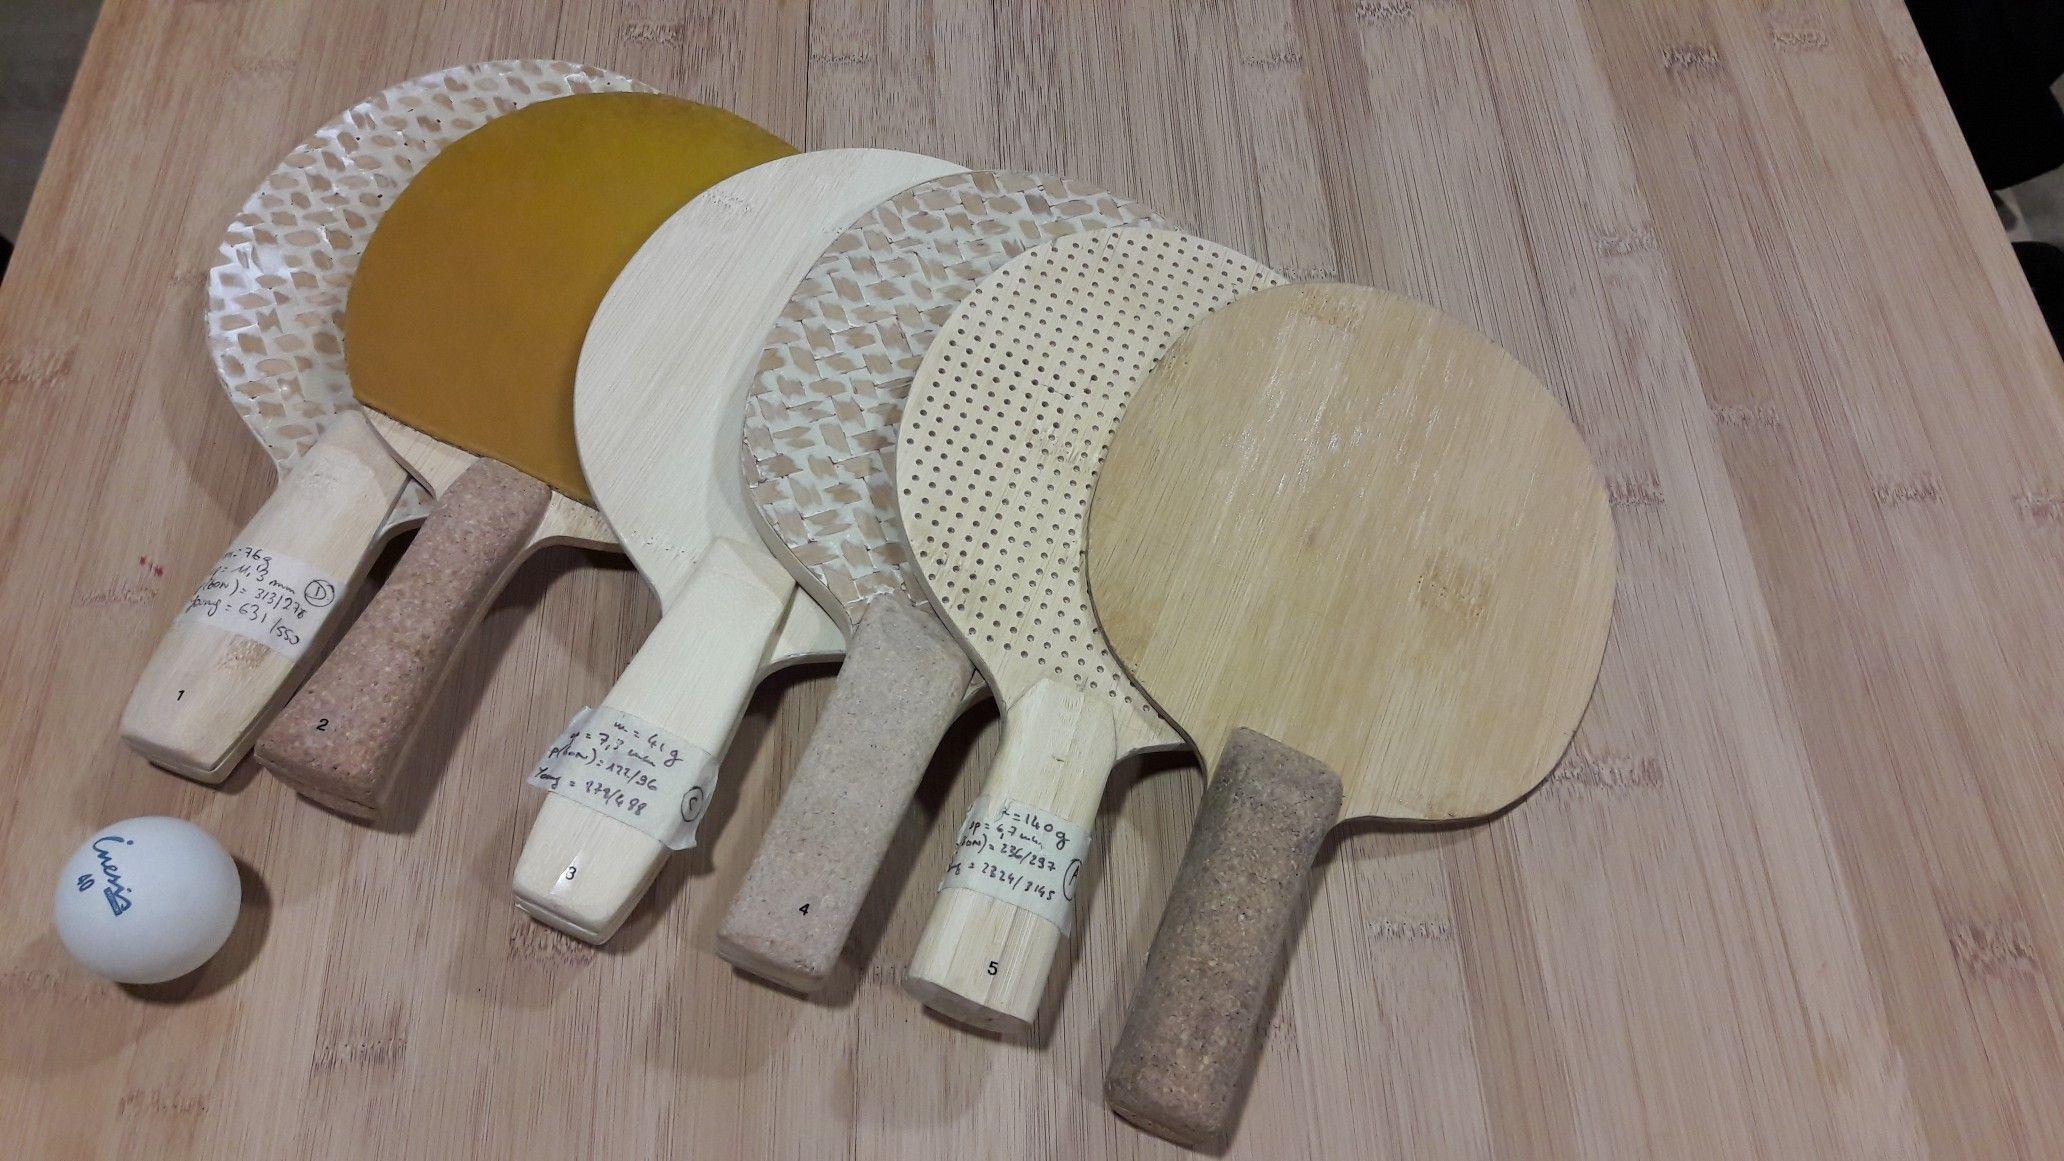 VESO- raquettes de ping-pong-green composites | GREEN COMPOSITES ...